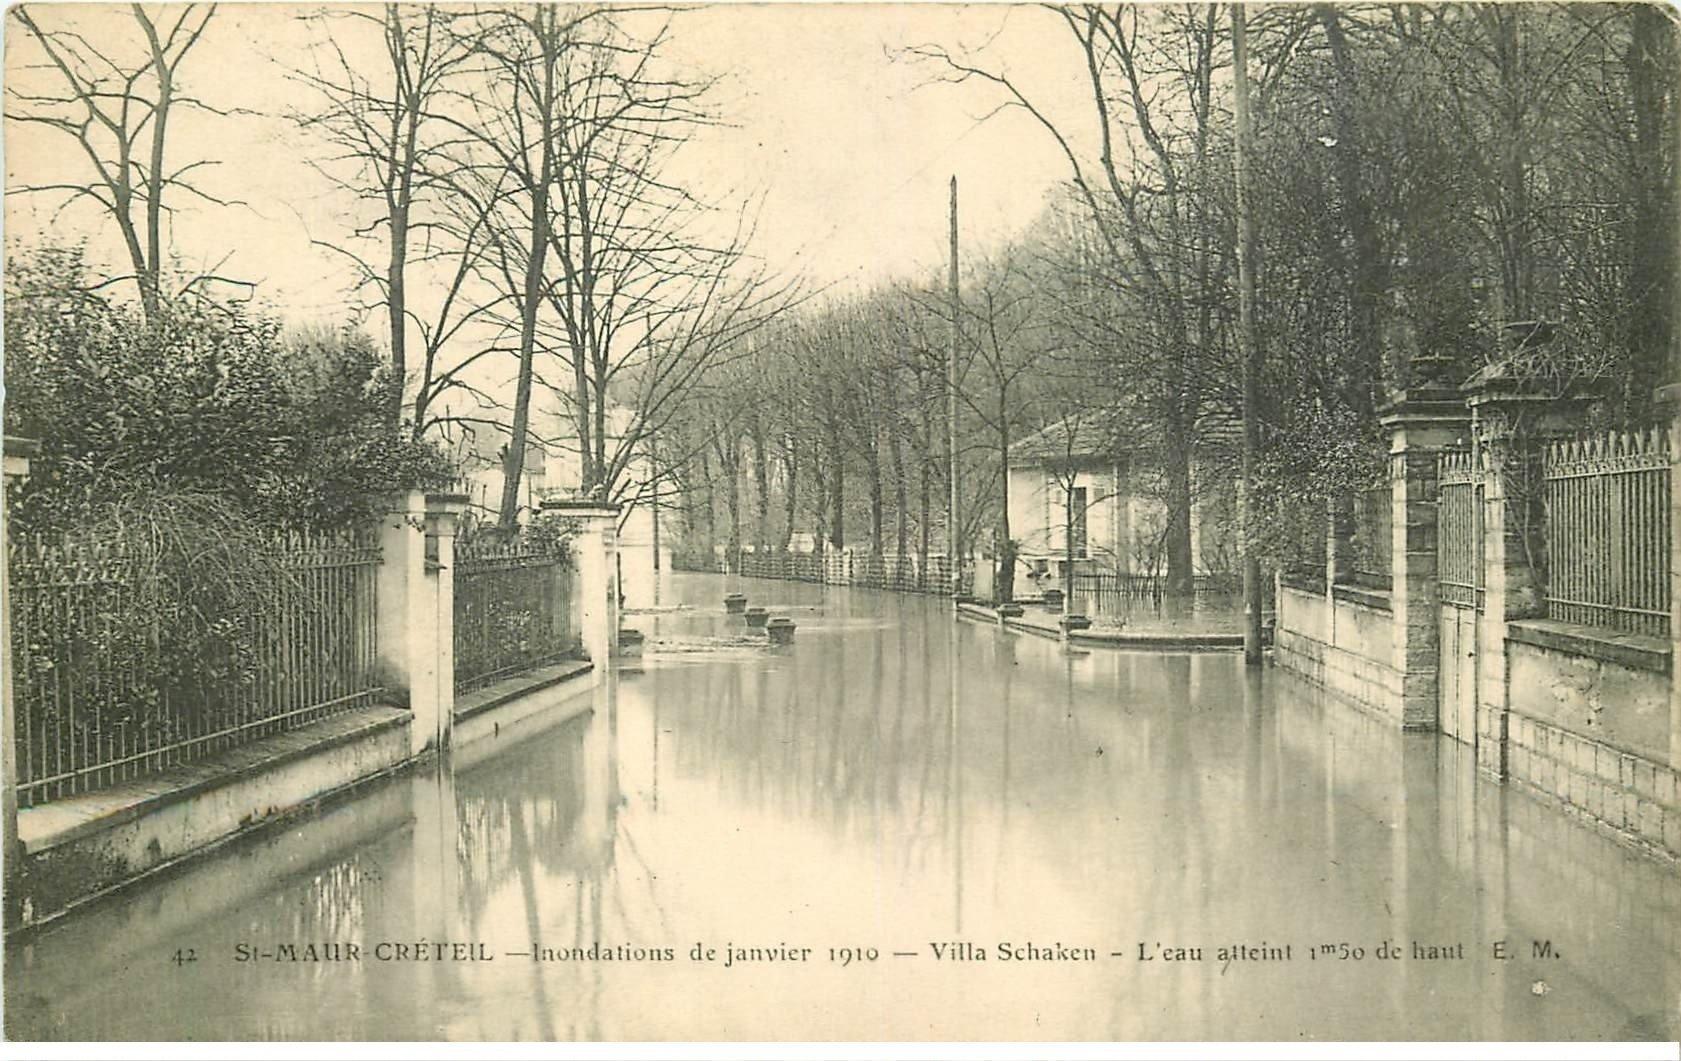 Inondation et crue de 1910 saint maur creteil 94 villa schacken tampon legoy le havre for Comboulevard de creteil saint maur